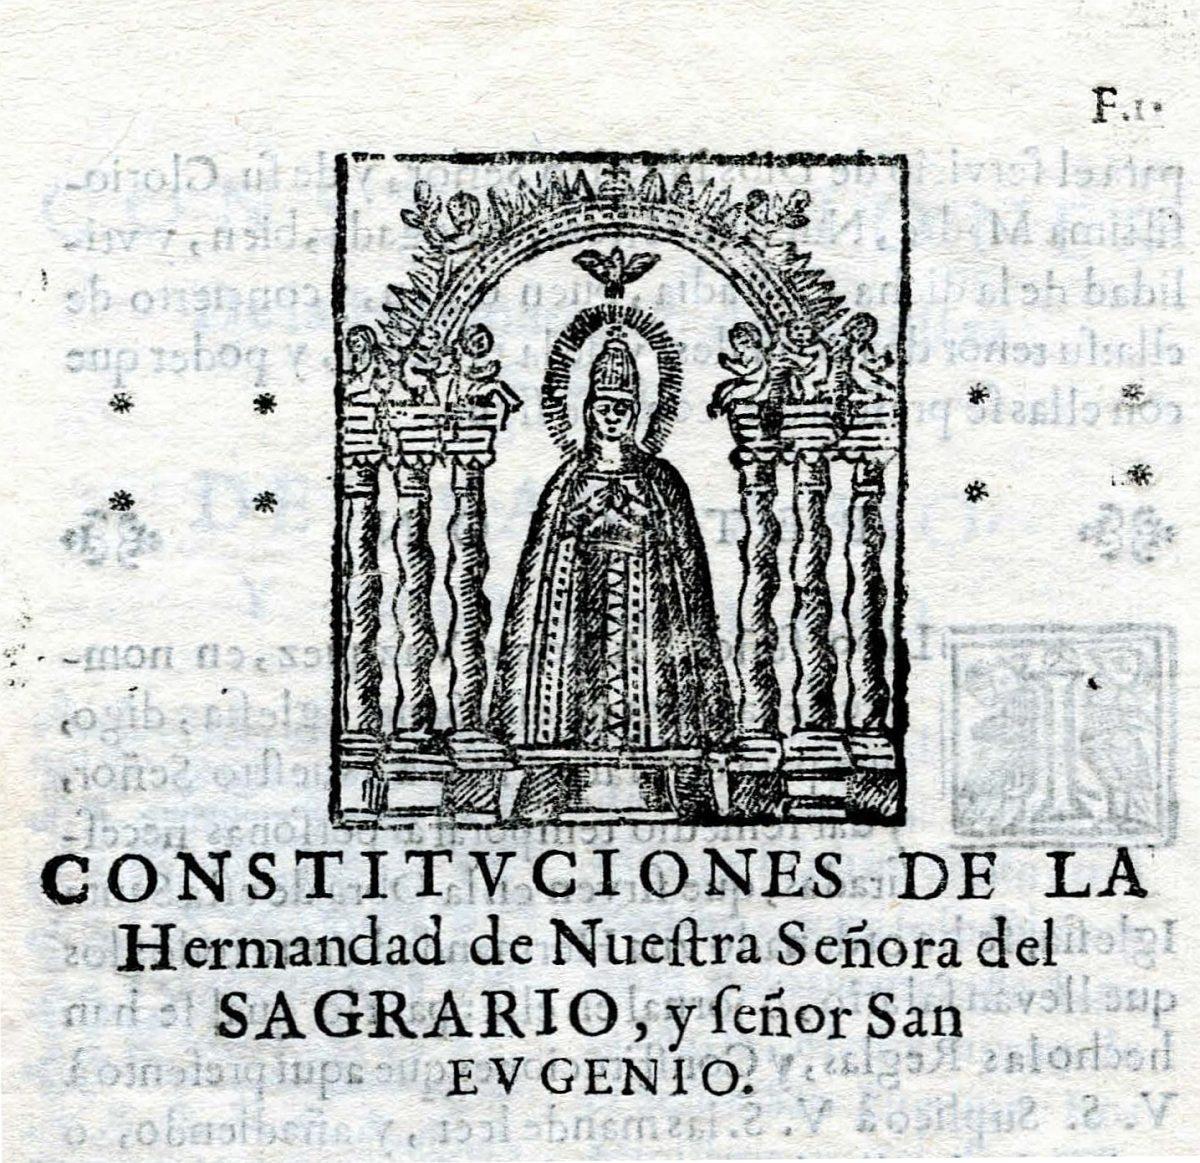 http://www.toledo.es/wp-content/uploads/2017/08/portada-1200x1163.jpg. Las Constituciones de la Hermandad de Nuestra Señora del Sagrario de 1571 de la Catedral de Toledo